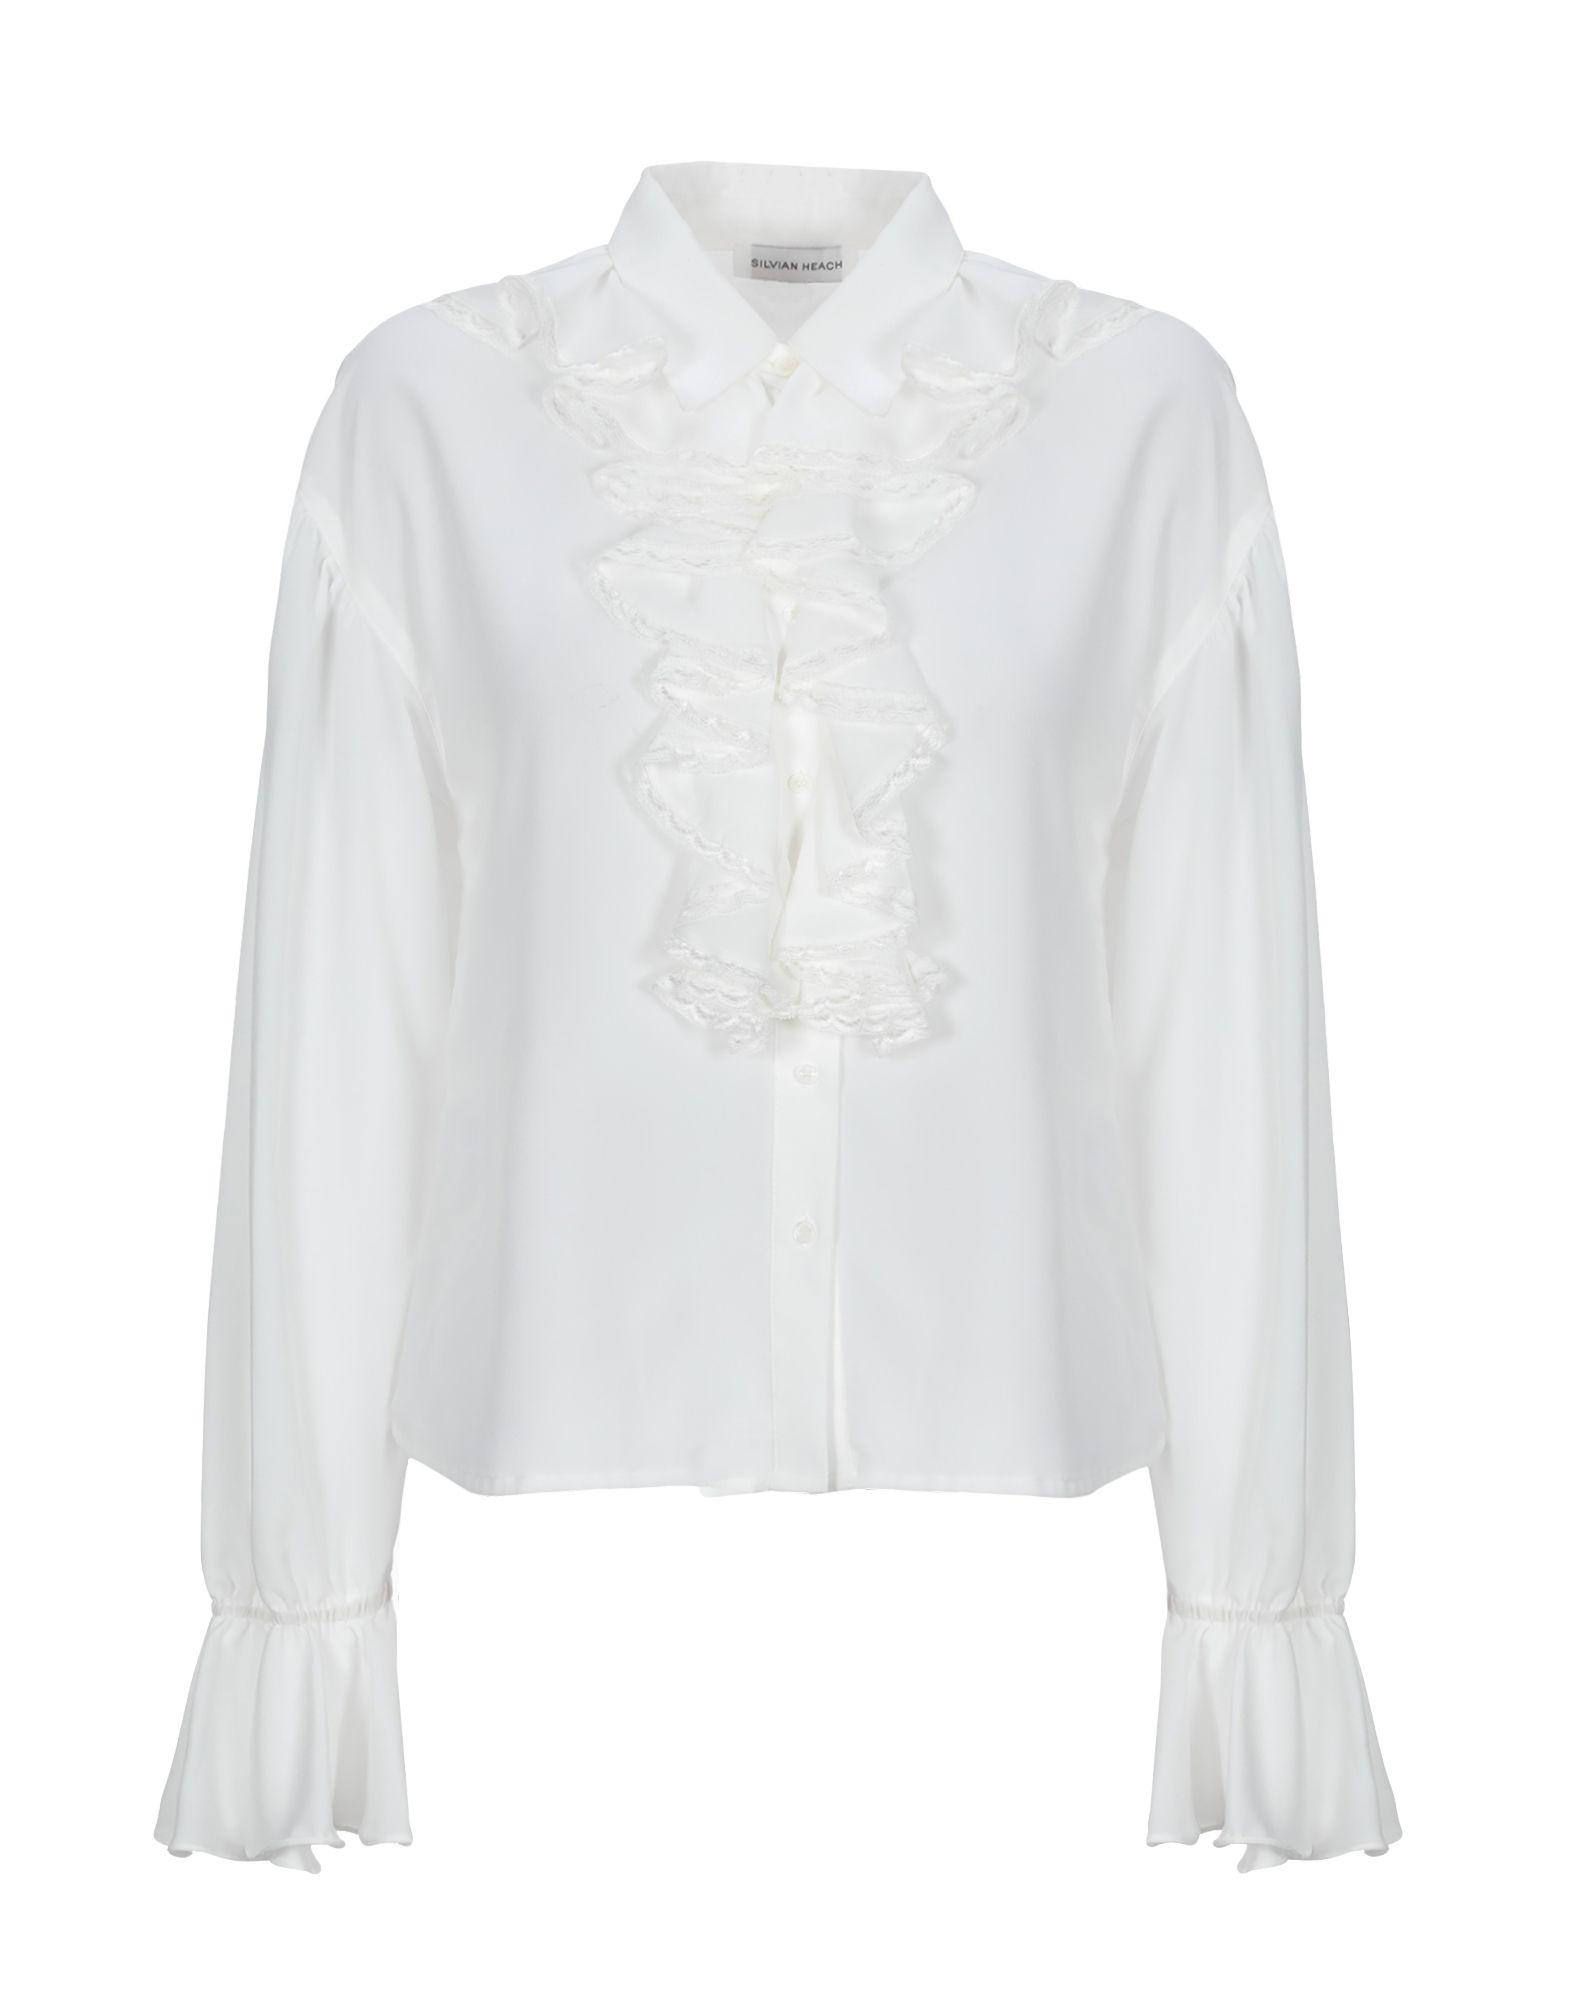 Camicie E bluse Tinta Unita Unita Silvian Heach donna - 38856934GR  billige Designermarken